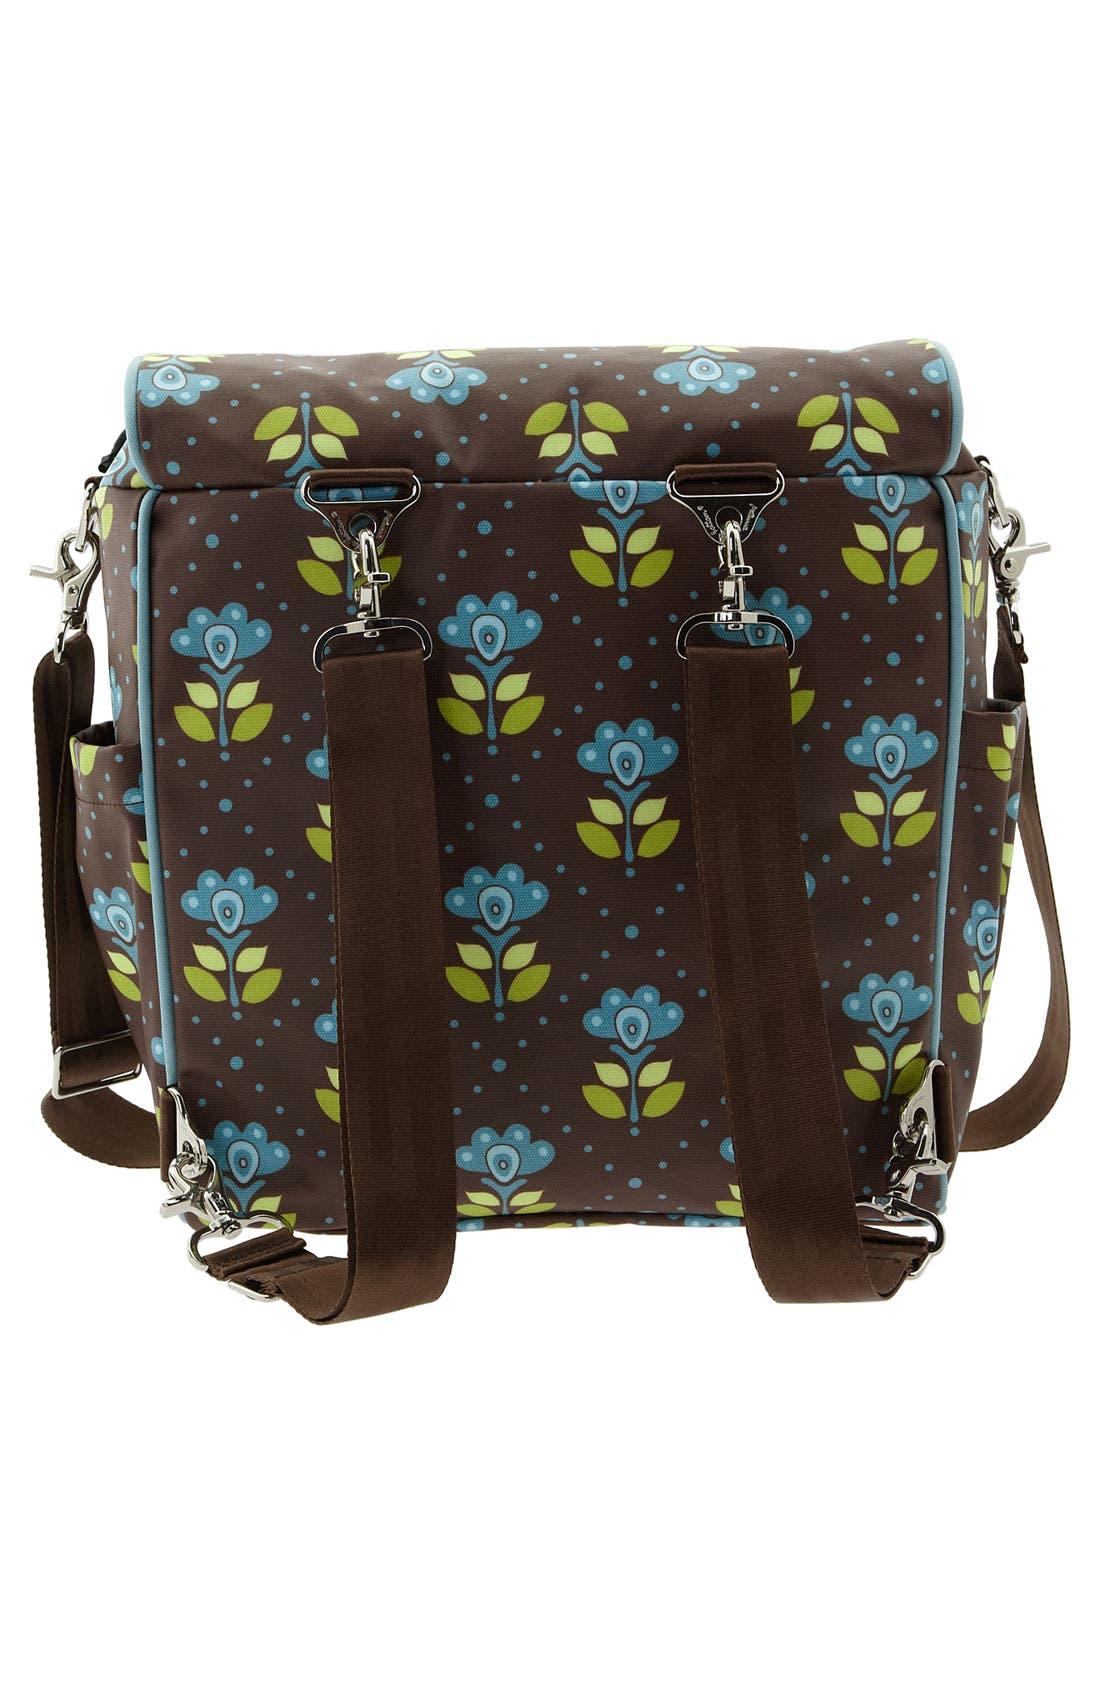 Alternate Image 2  - Petunia Pickle Bottom 'Brocade' Diaper Bag